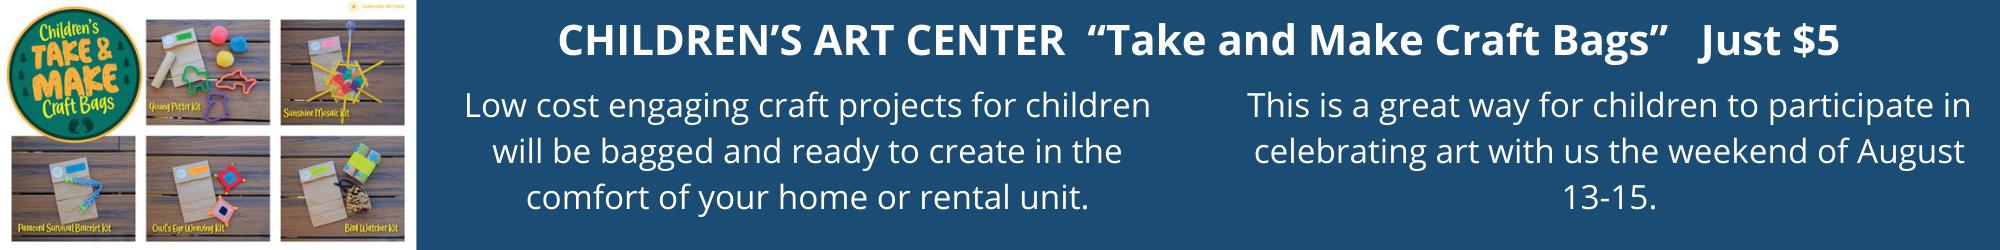 Children's Art Center